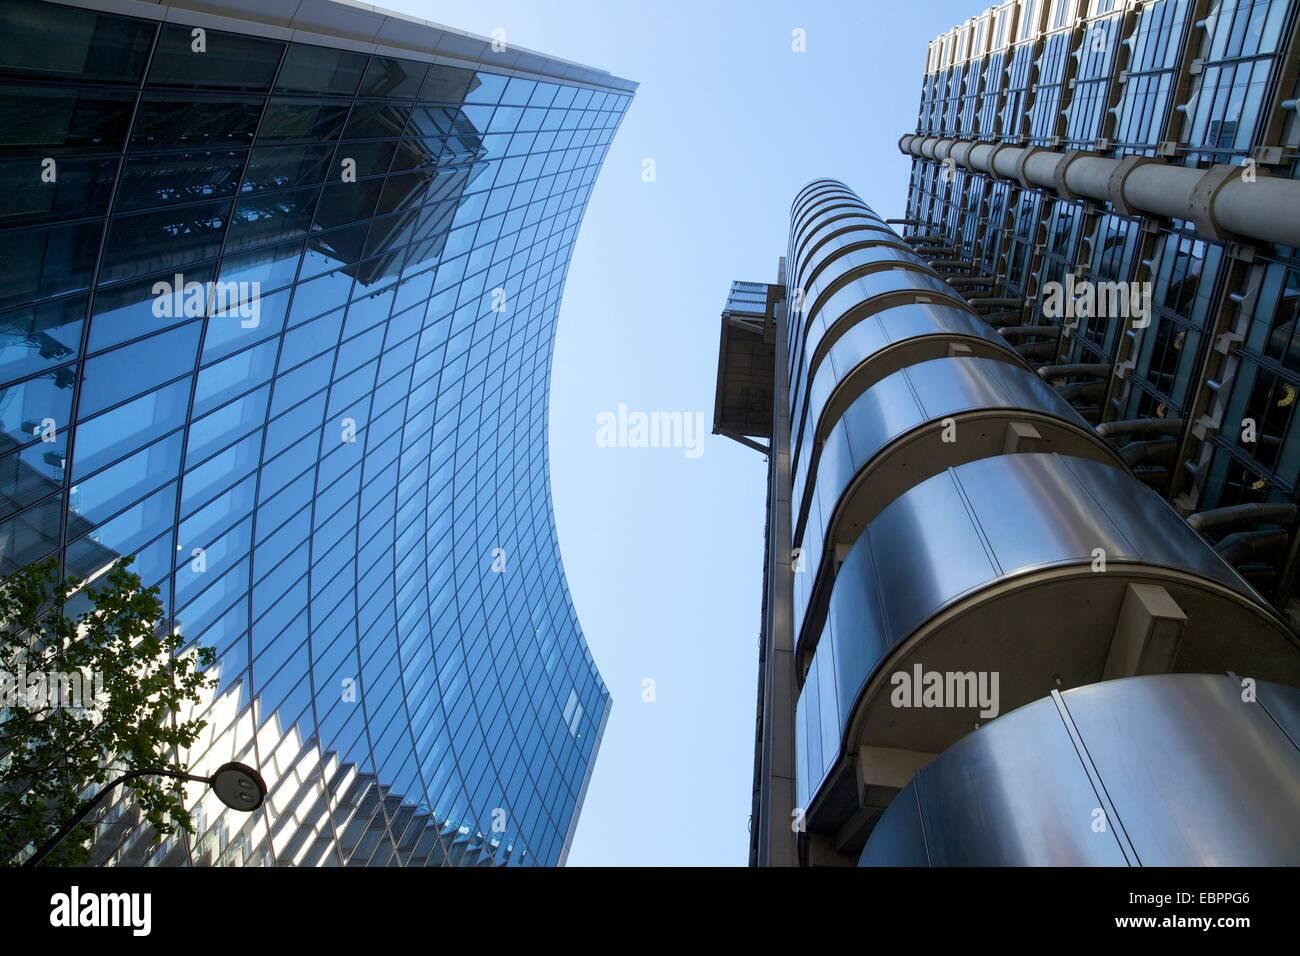 Lloyds y Willis edificios, el distrito financiero de la ciudad de Londres, Inglaterra, Reino Unido, Europa Imagen De Stock